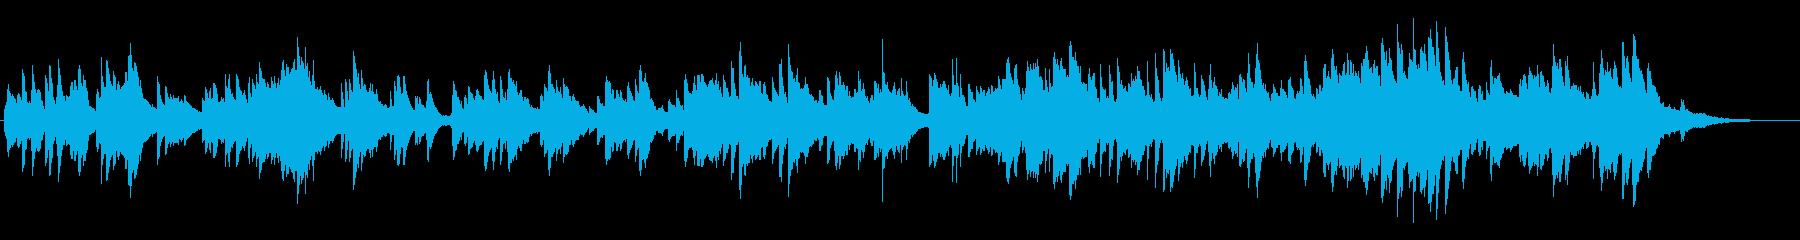 劇伴・恋愛・ドラマ 切ないピアノソロの再生済みの波形